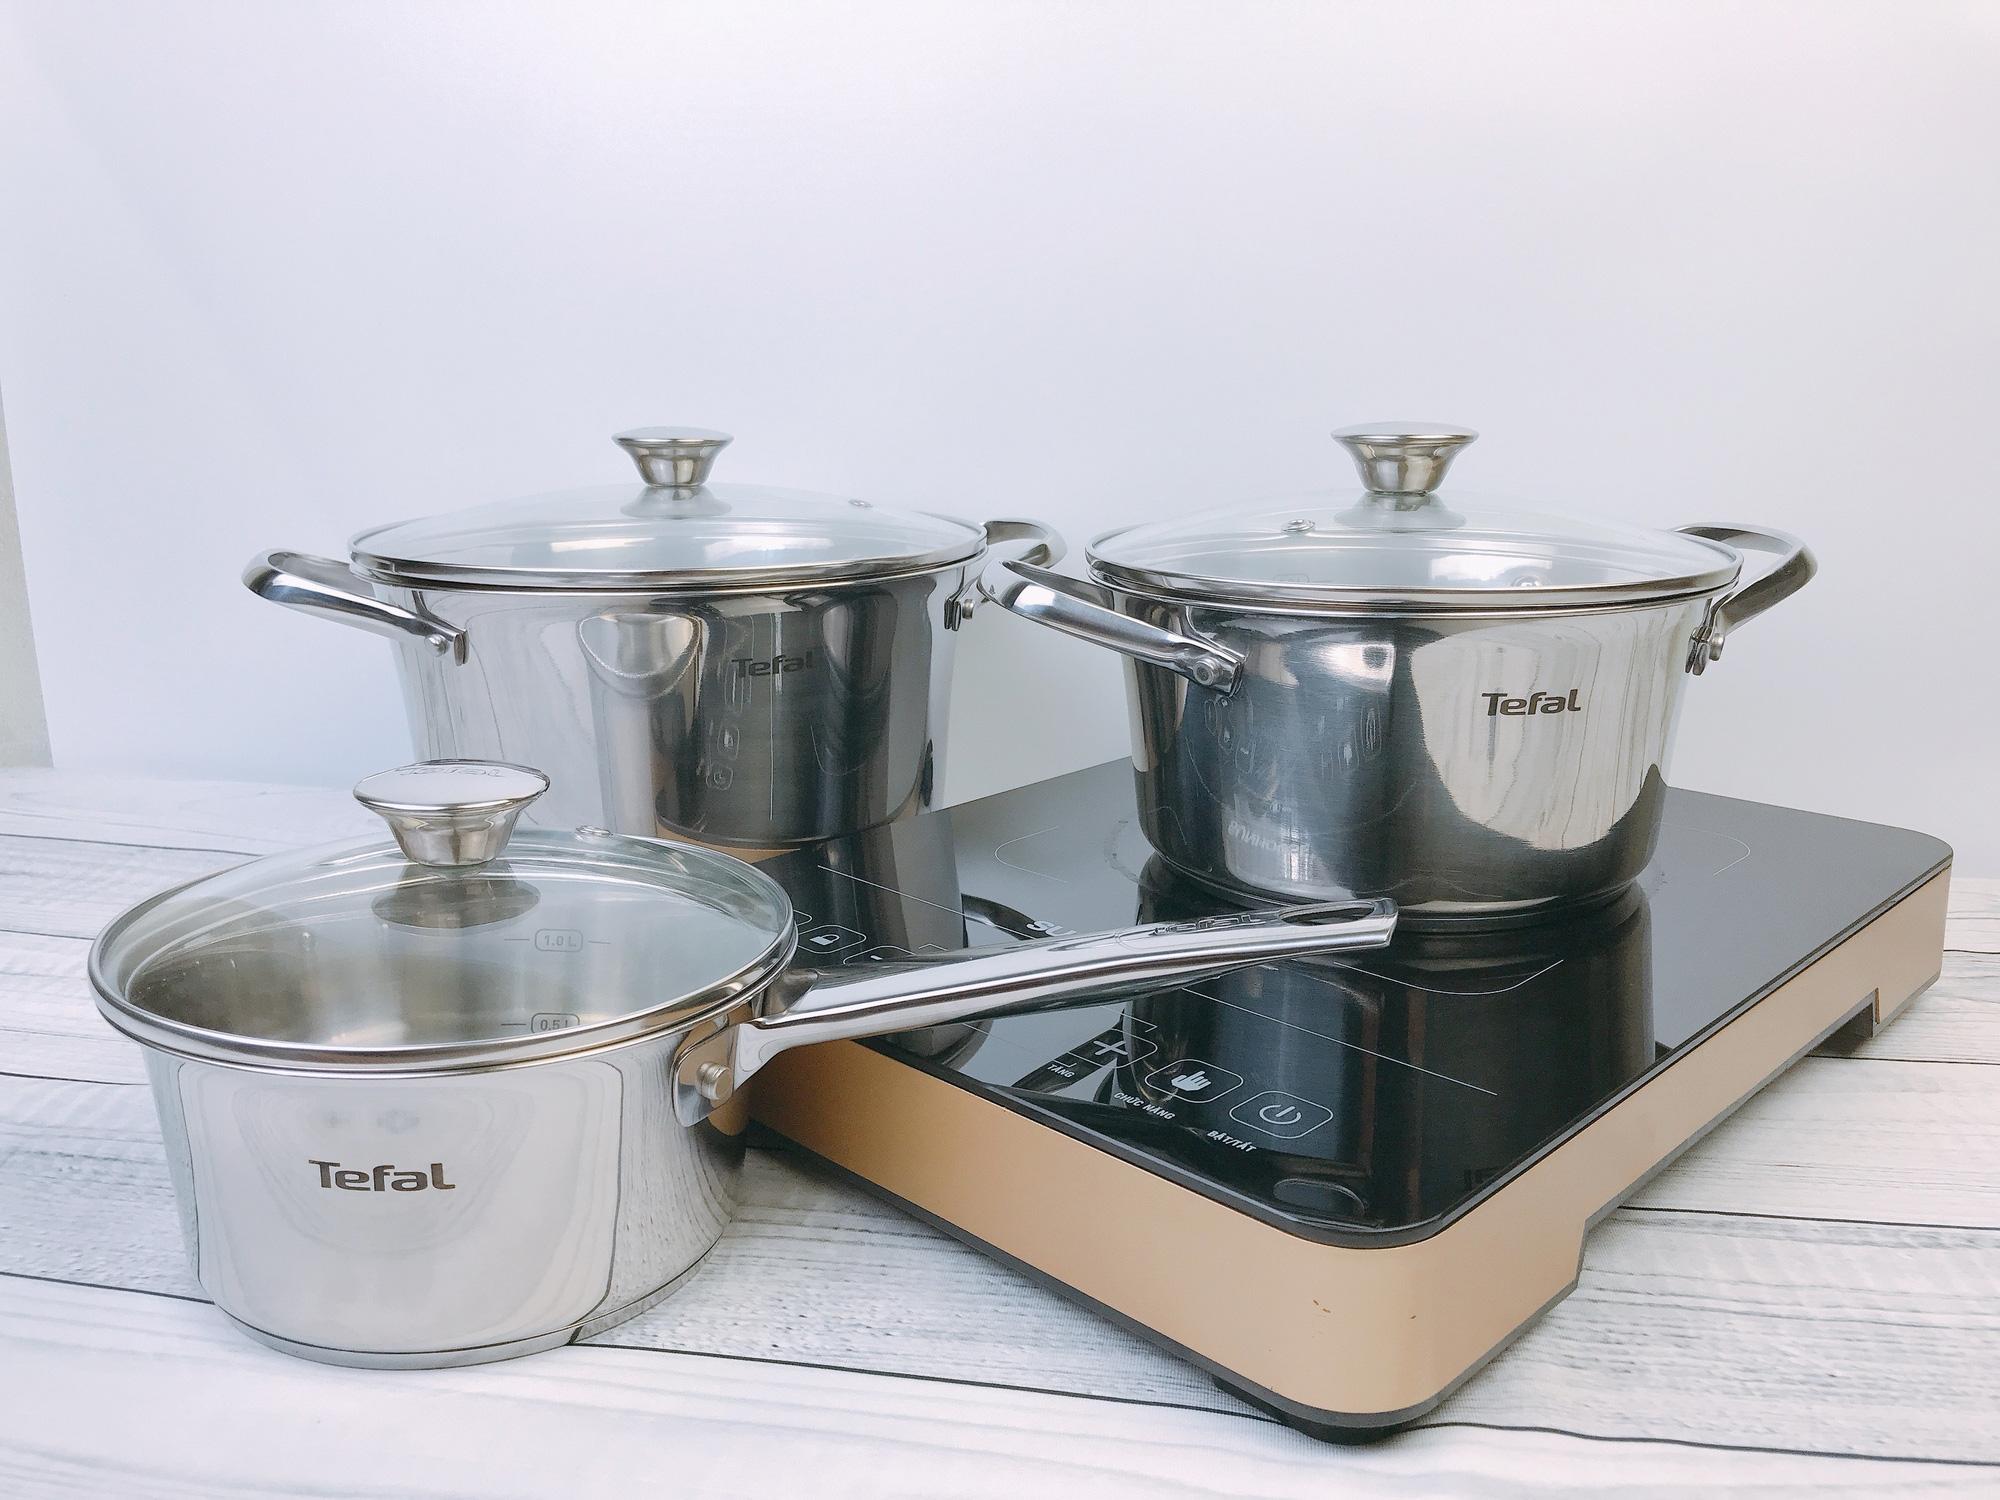 Yêu bếp nghiện nhà đừng bỏ qua 6 sản phẩm sale xuất sắc tới 51% của Tefal  - Ảnh 1.